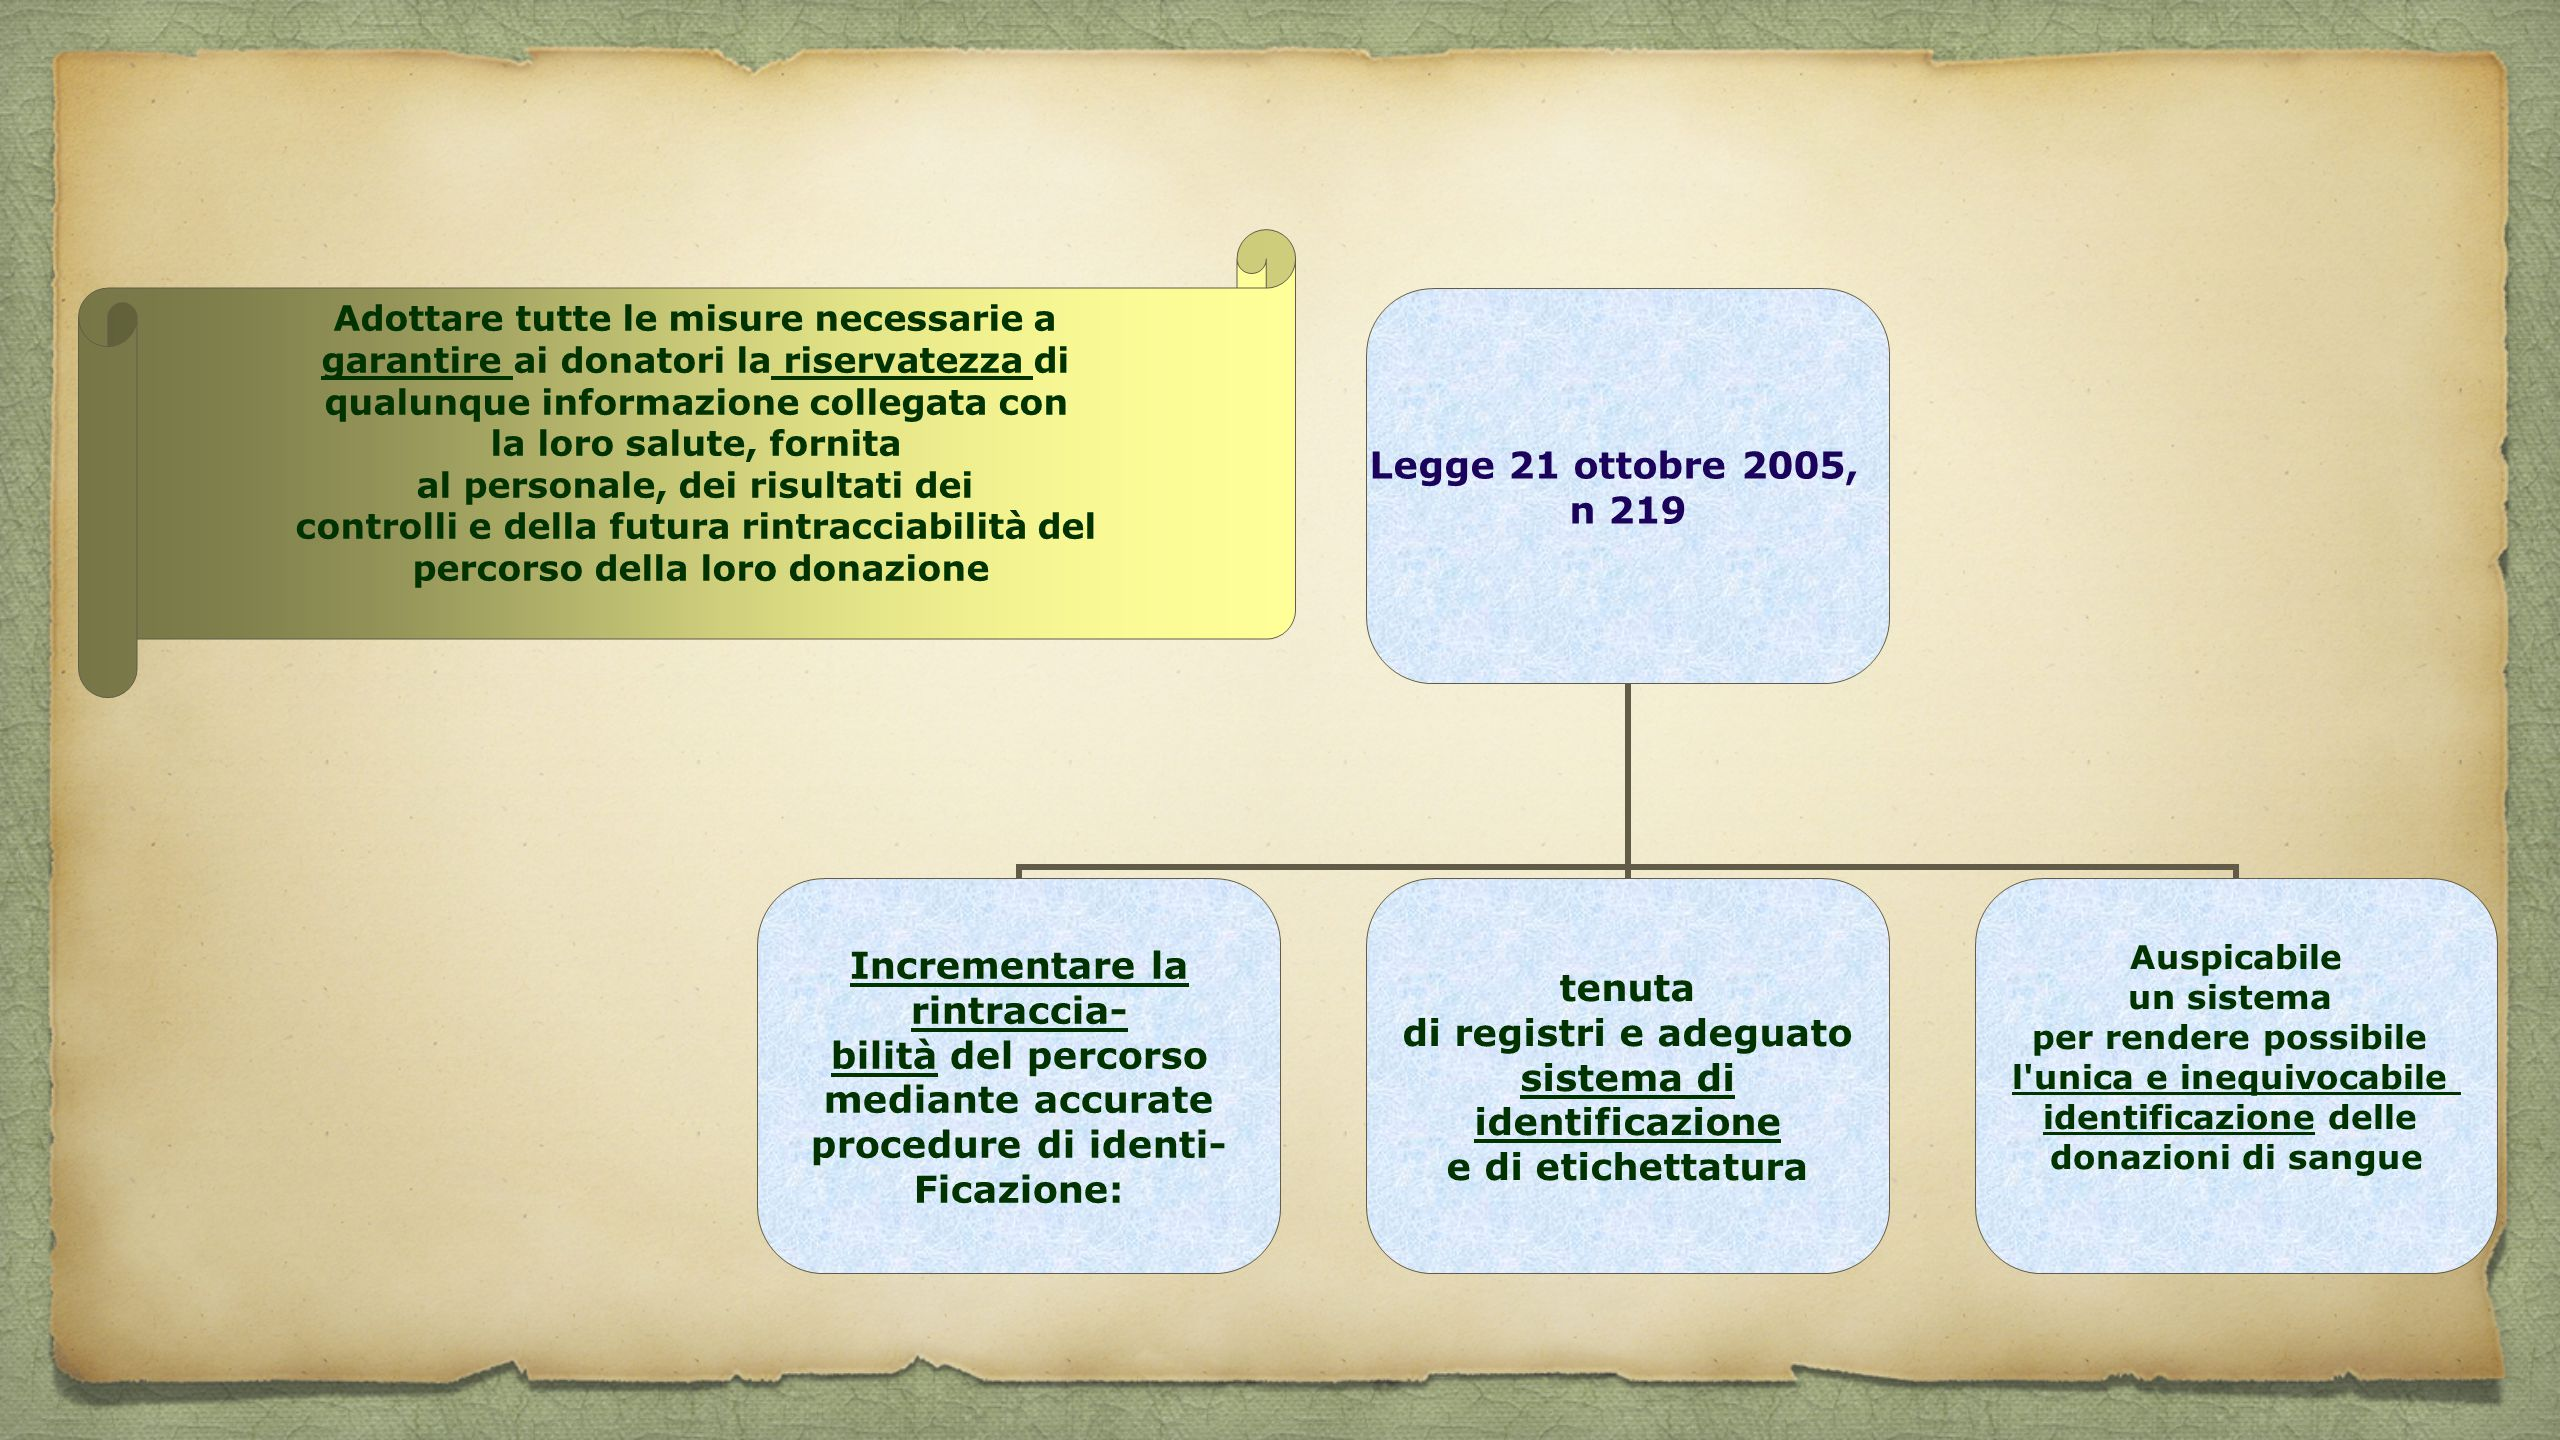 Legge 21 ottobre 2005, n 219 Incrementare la rintraccia- bilità del percorso mediante accurate procedure di identi- Ficazione: tenuta di registri e ad